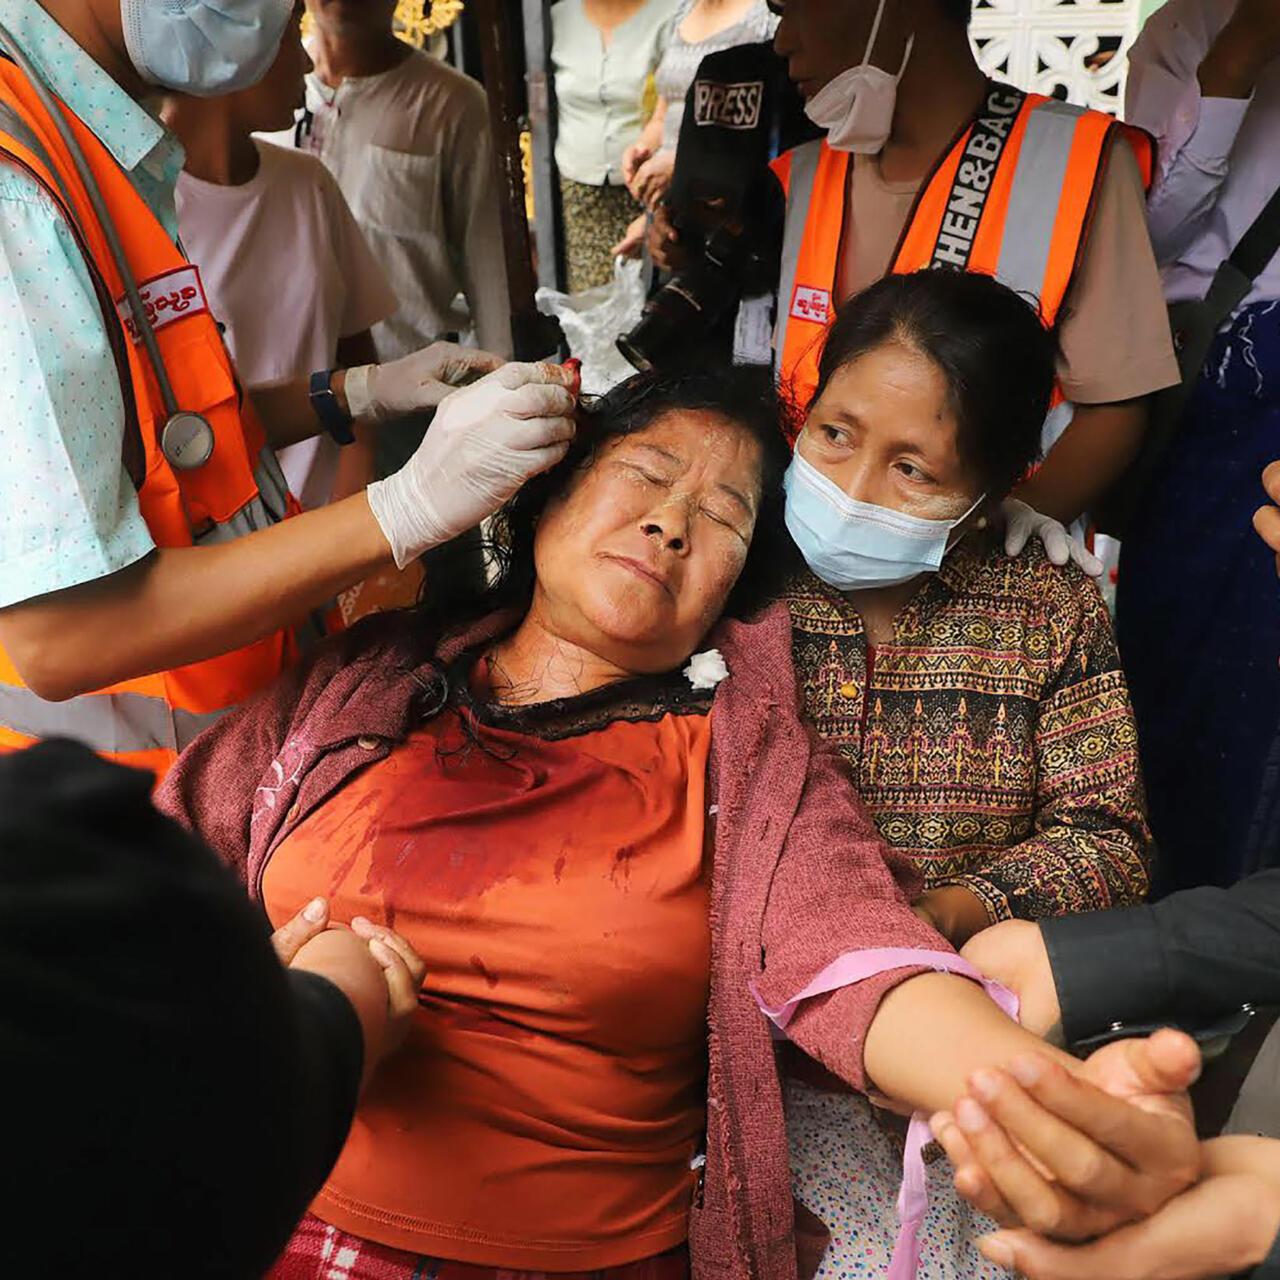 """La ONU condena el uso de la fuerza """"letal"""" en Birmania que celebra funeral  de primera víctima - RFI"""